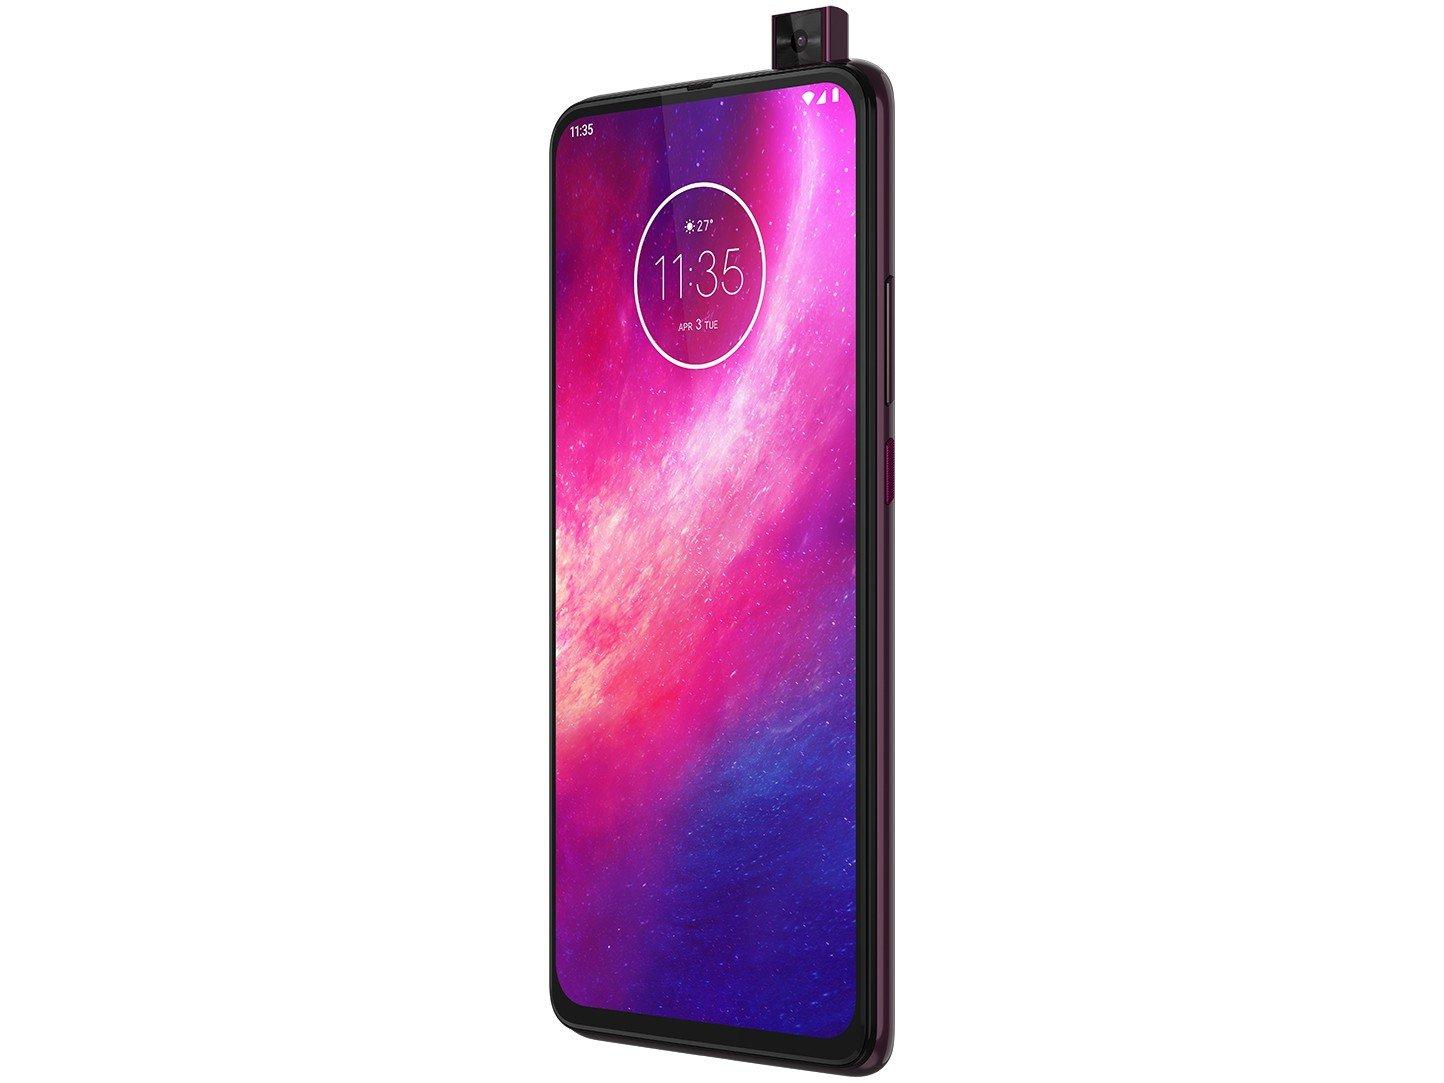 """Smartphone Motorola One Hyper Rosa Boreal 128GB, Tela Total Vision 6.5"""", Câmera Traseira Dupla, Câmera Selfie Pop-Up de 32MP, Processador Qualcomm - 16"""